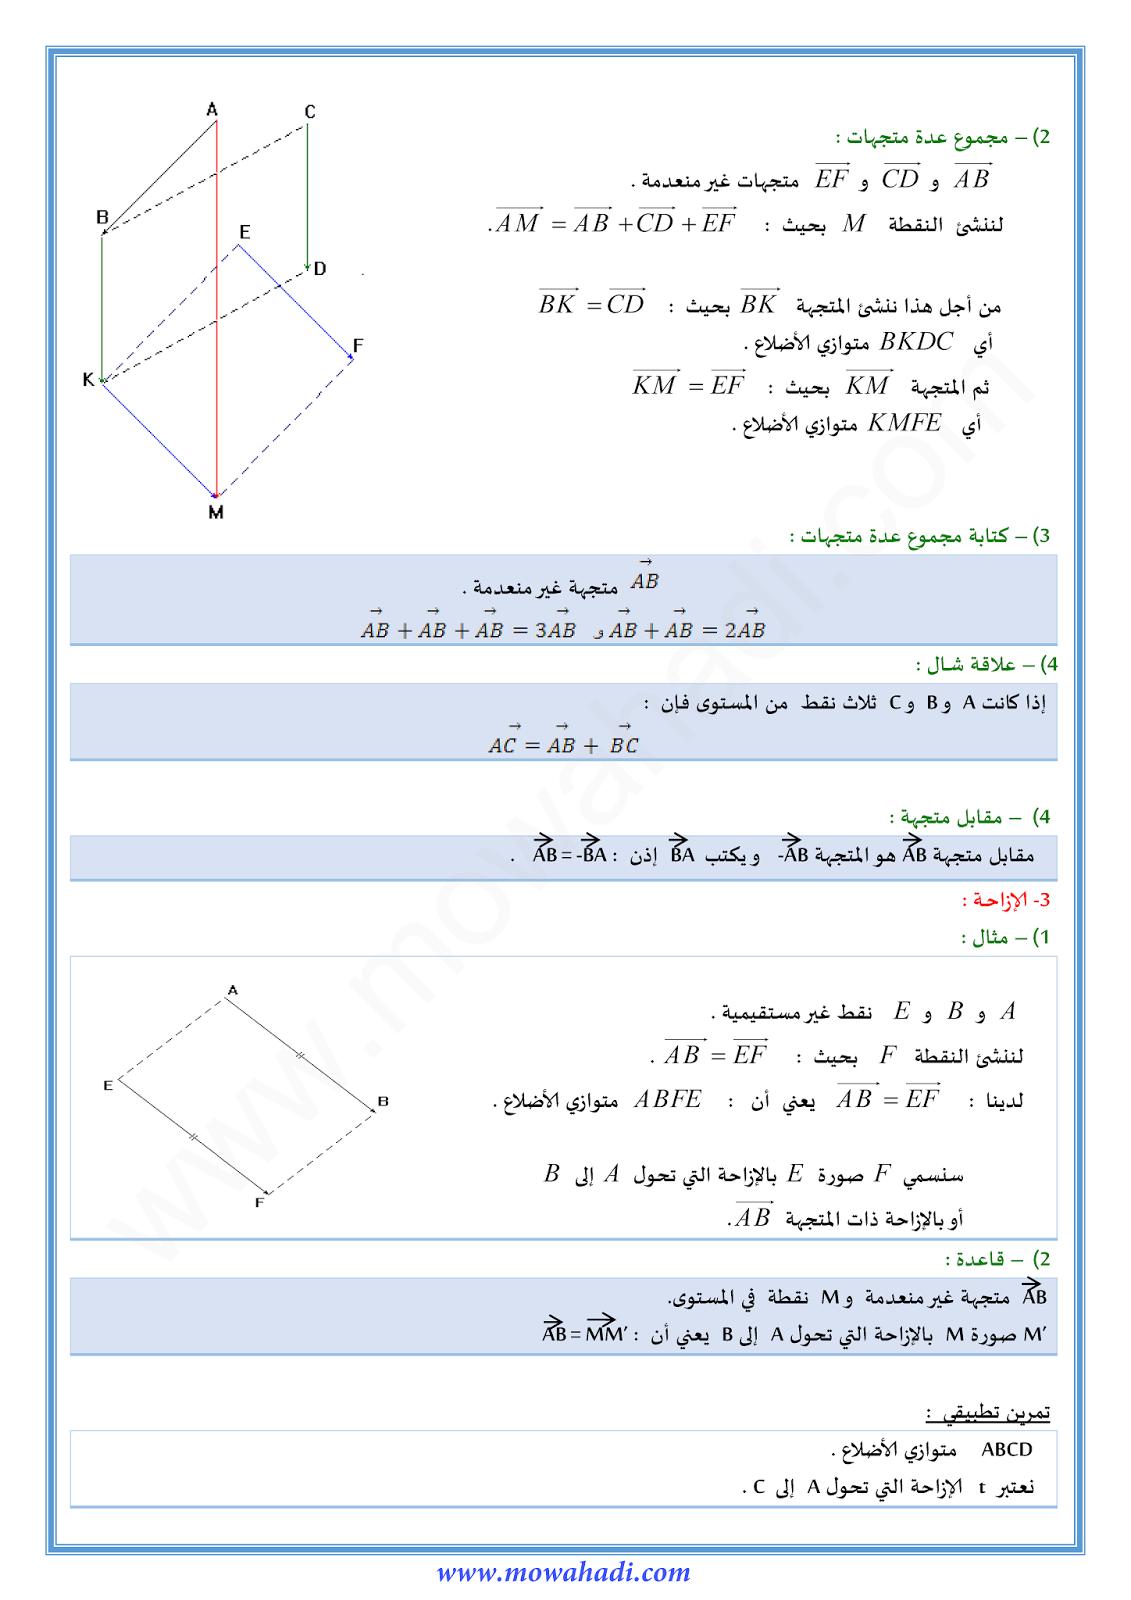 المتجهات و الازاحة في الرياضيات